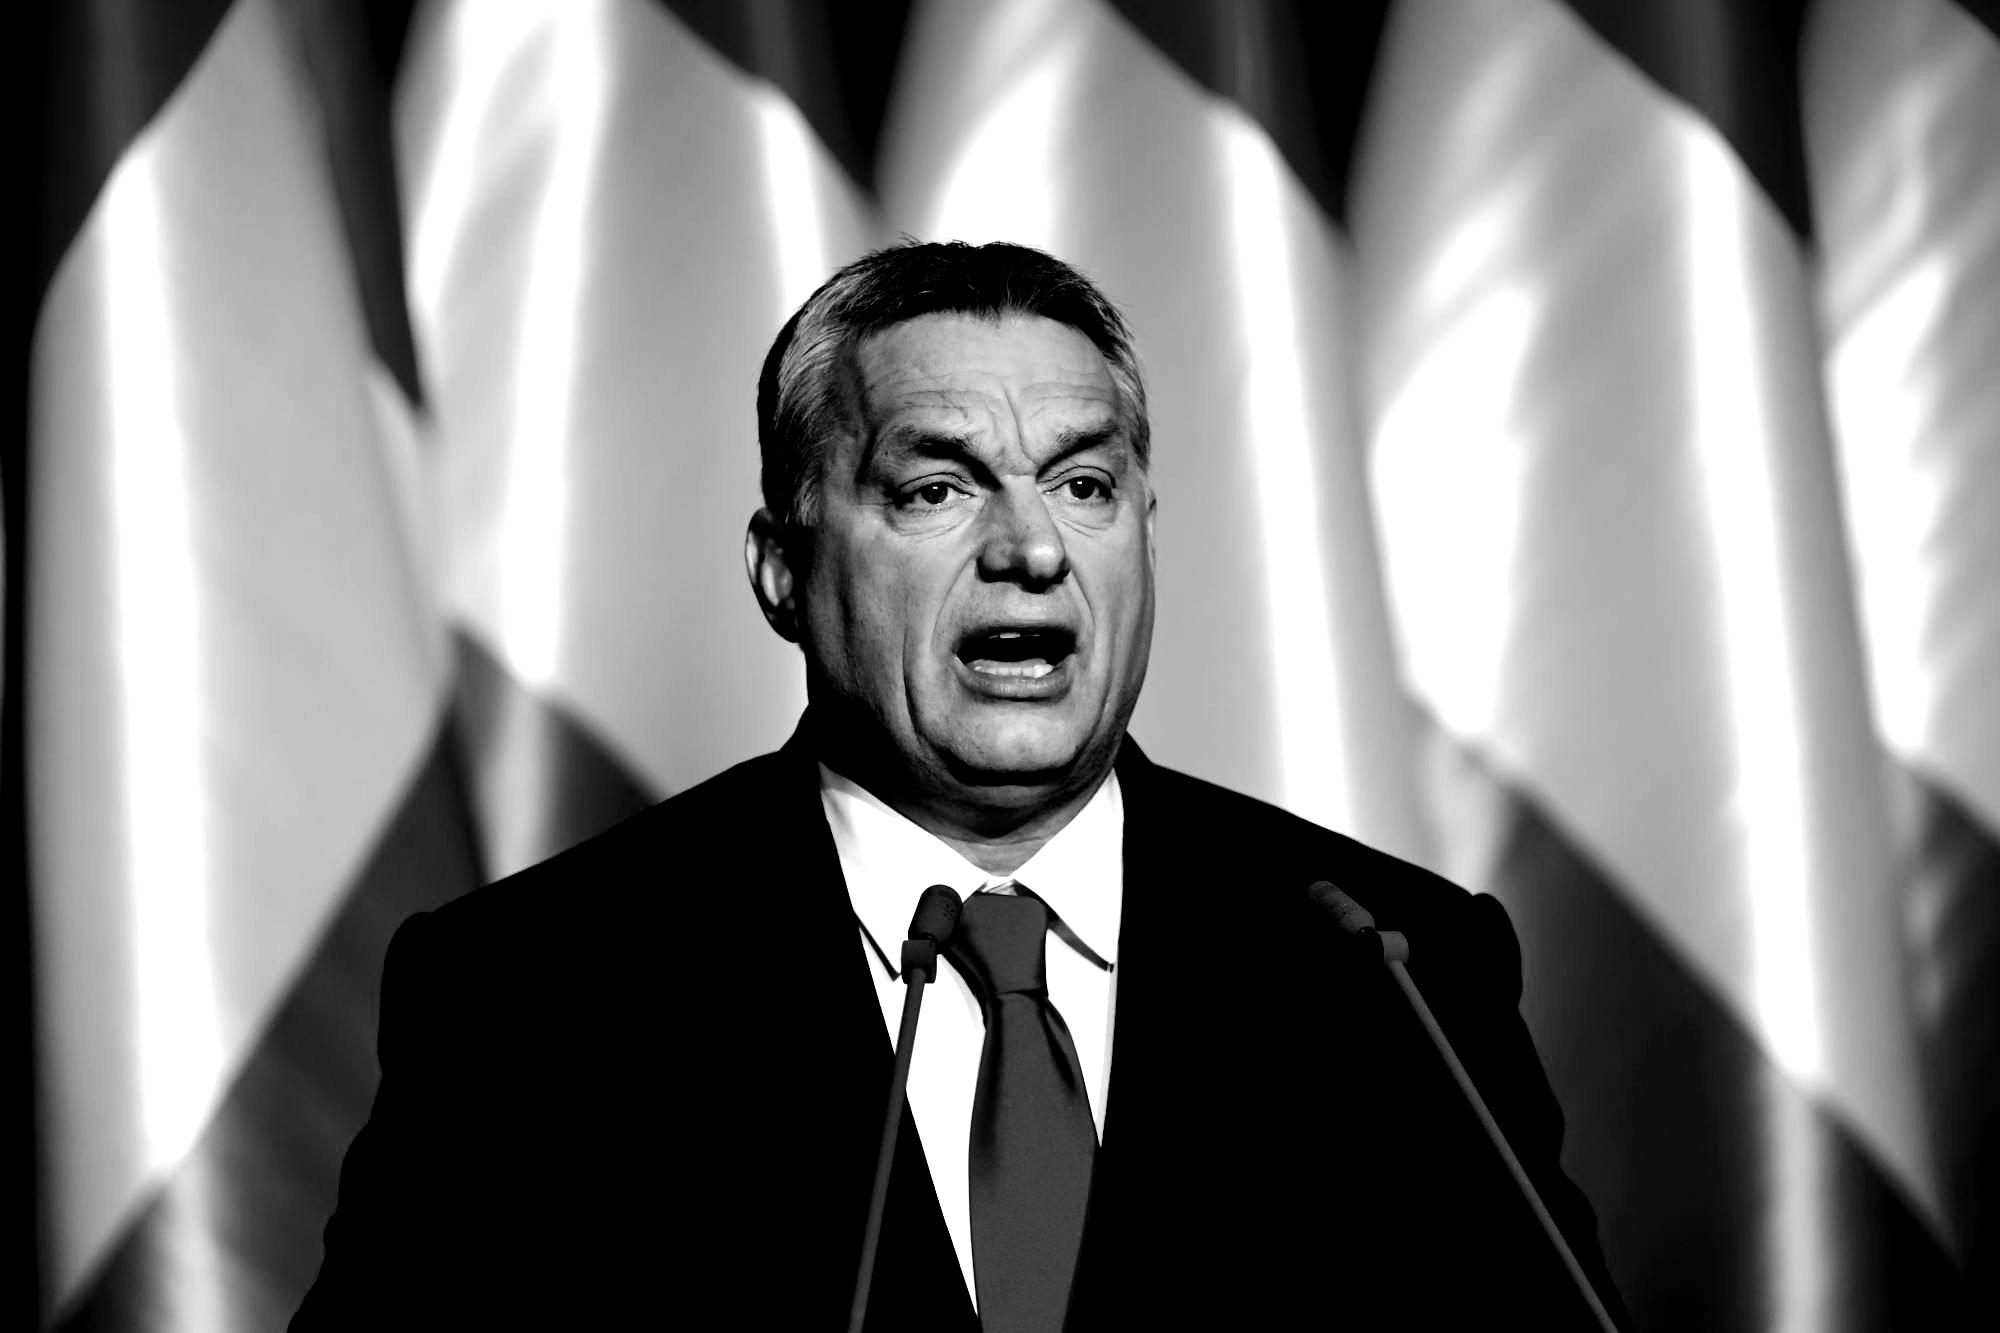 Miközben Orbánék a nemzeti szuverenitást védik, folyton beleszólnak más országok belügyeibe